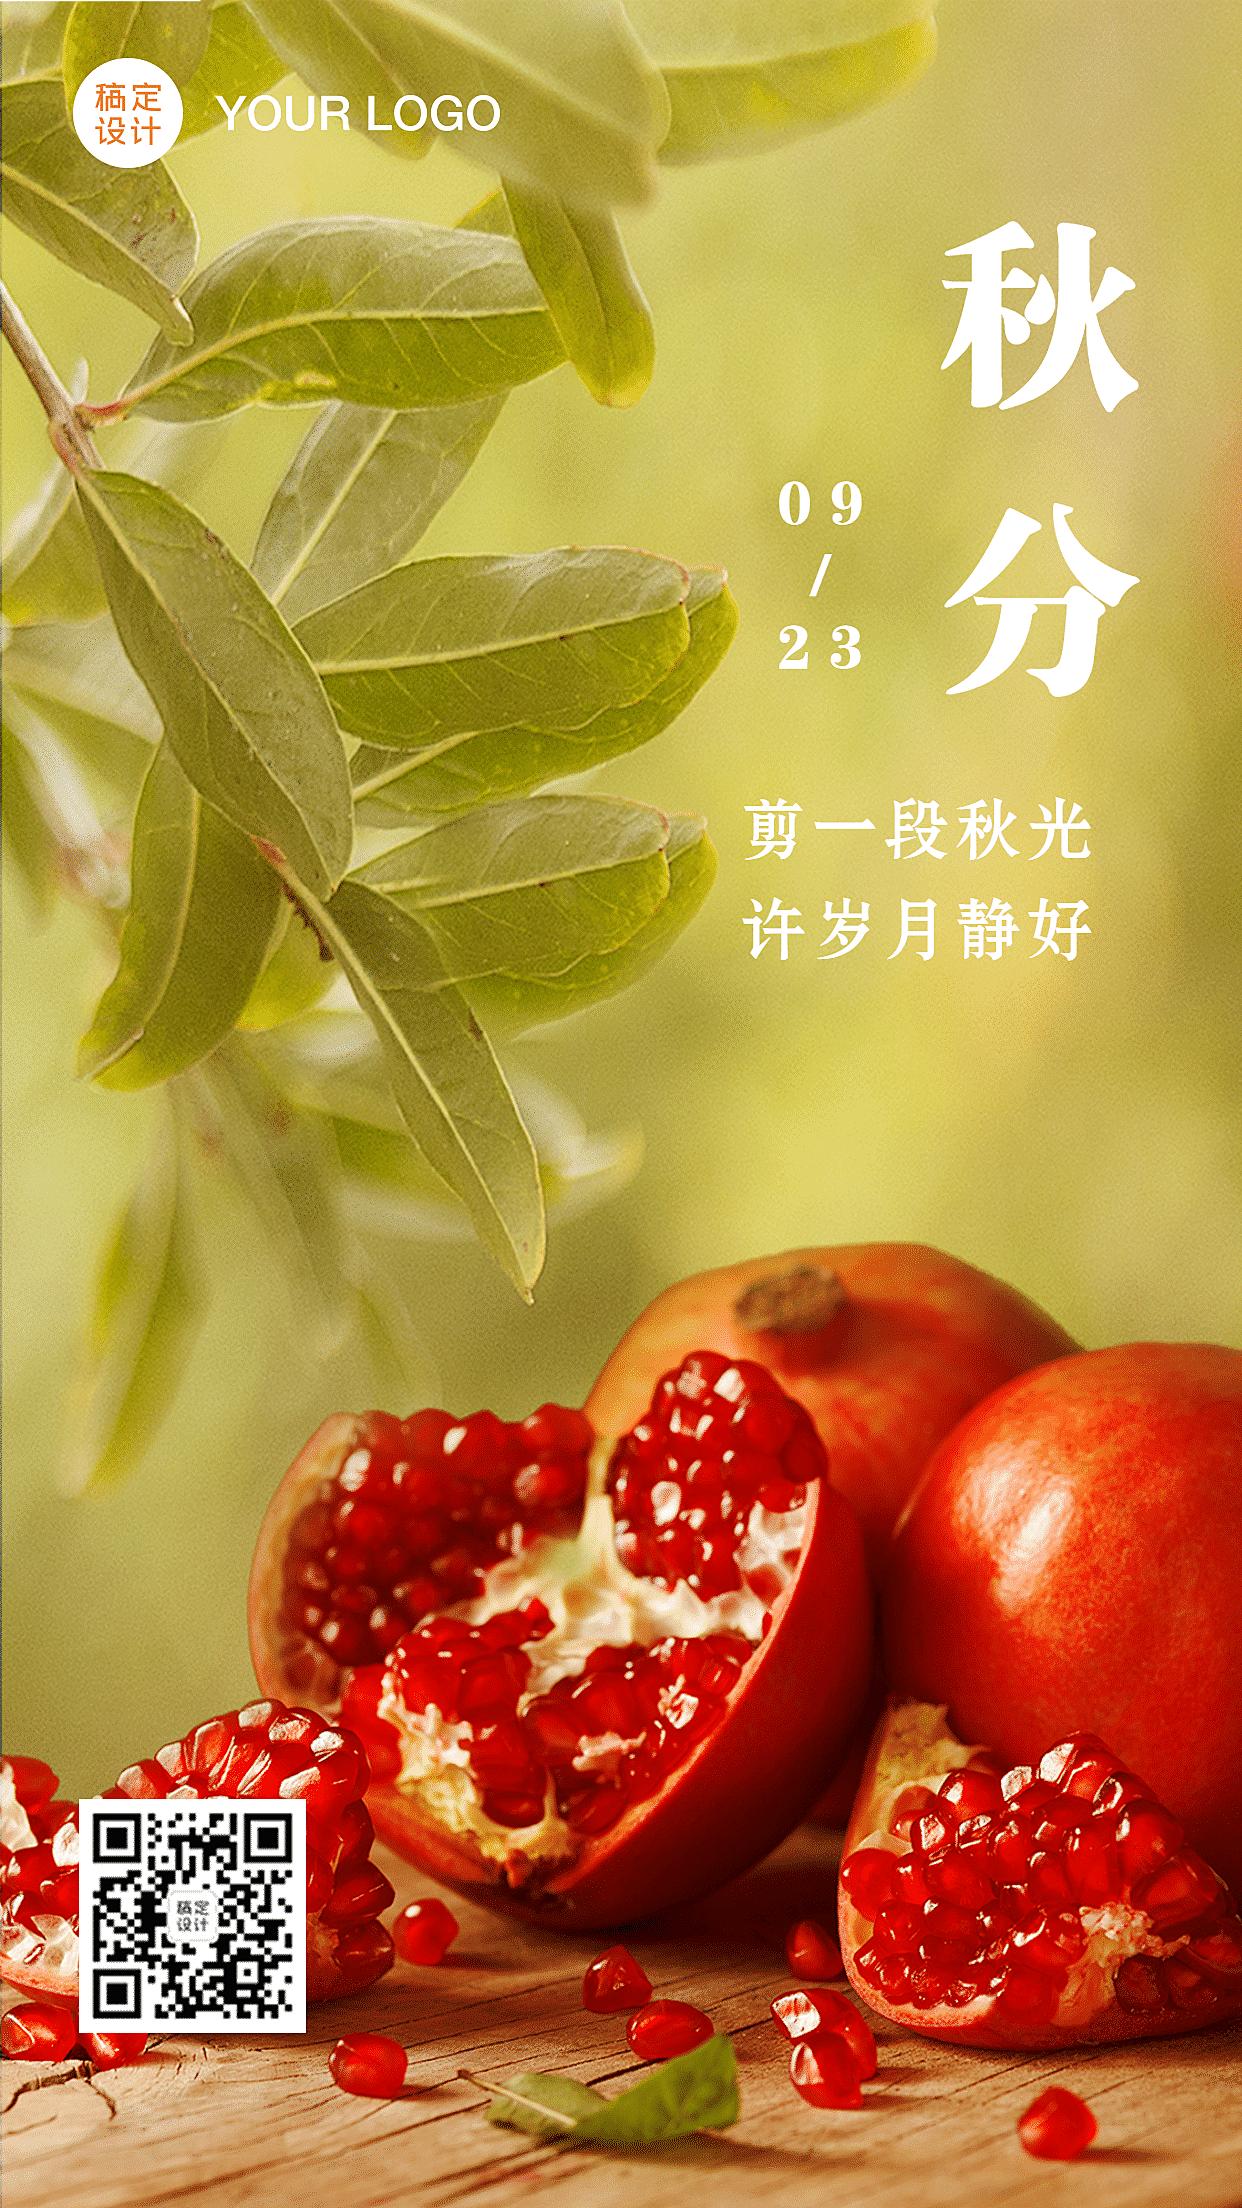 秋分节气秋天你好早安水果手机海报